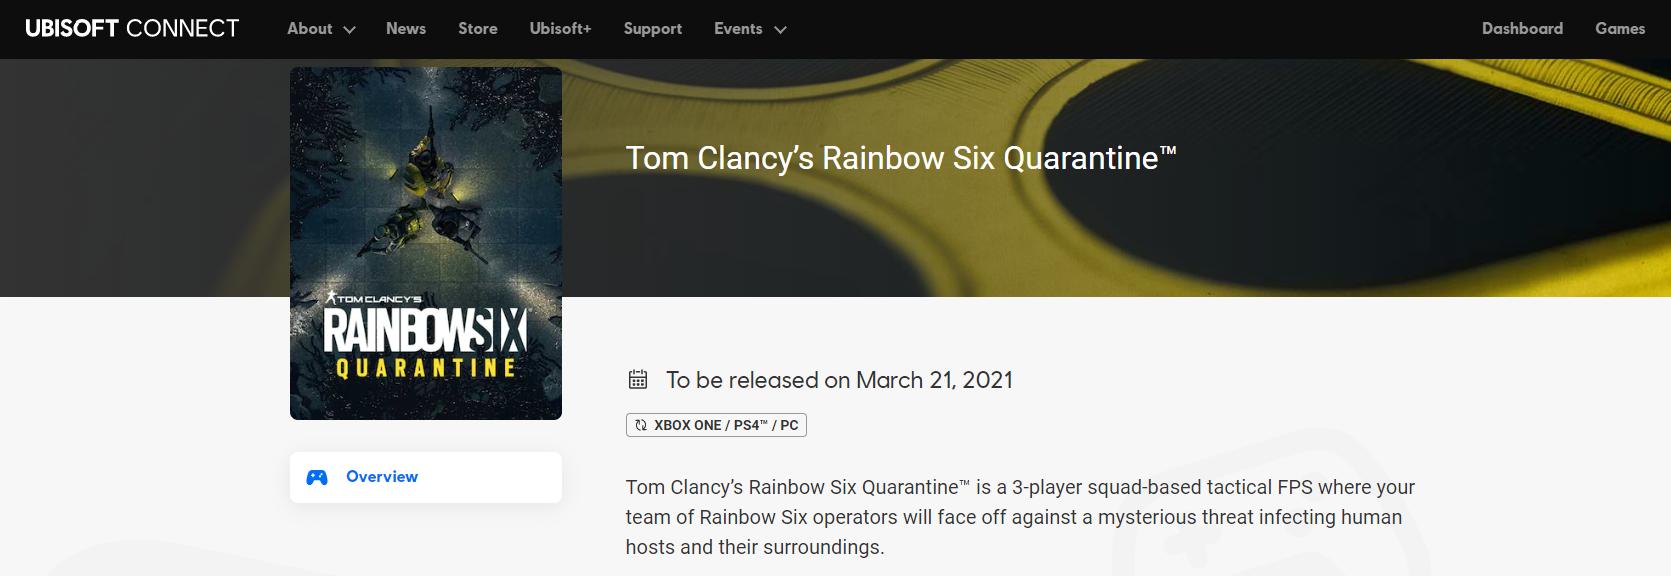 Ubisoft 官網上《虹彩六號:隔離禁區》的發售日其被證實為誤植